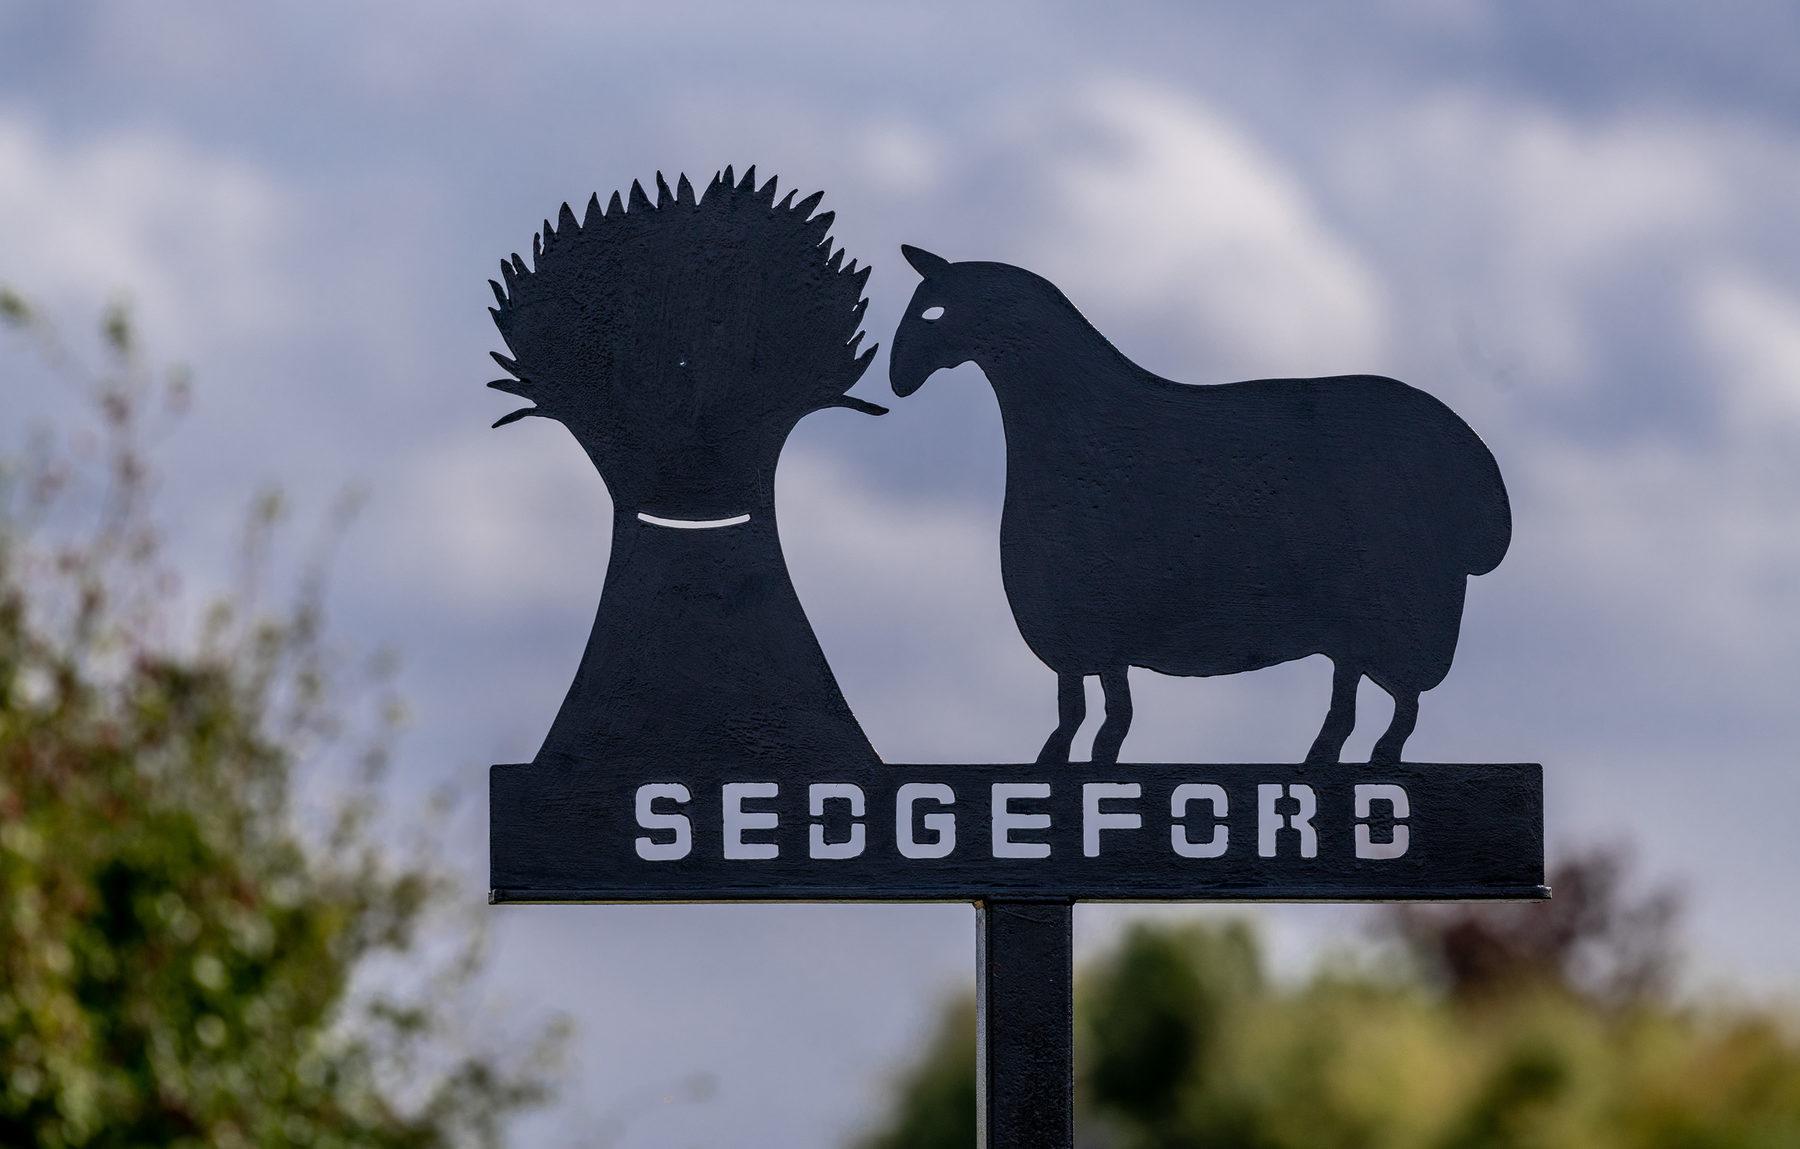 021 Sedgeford 2018